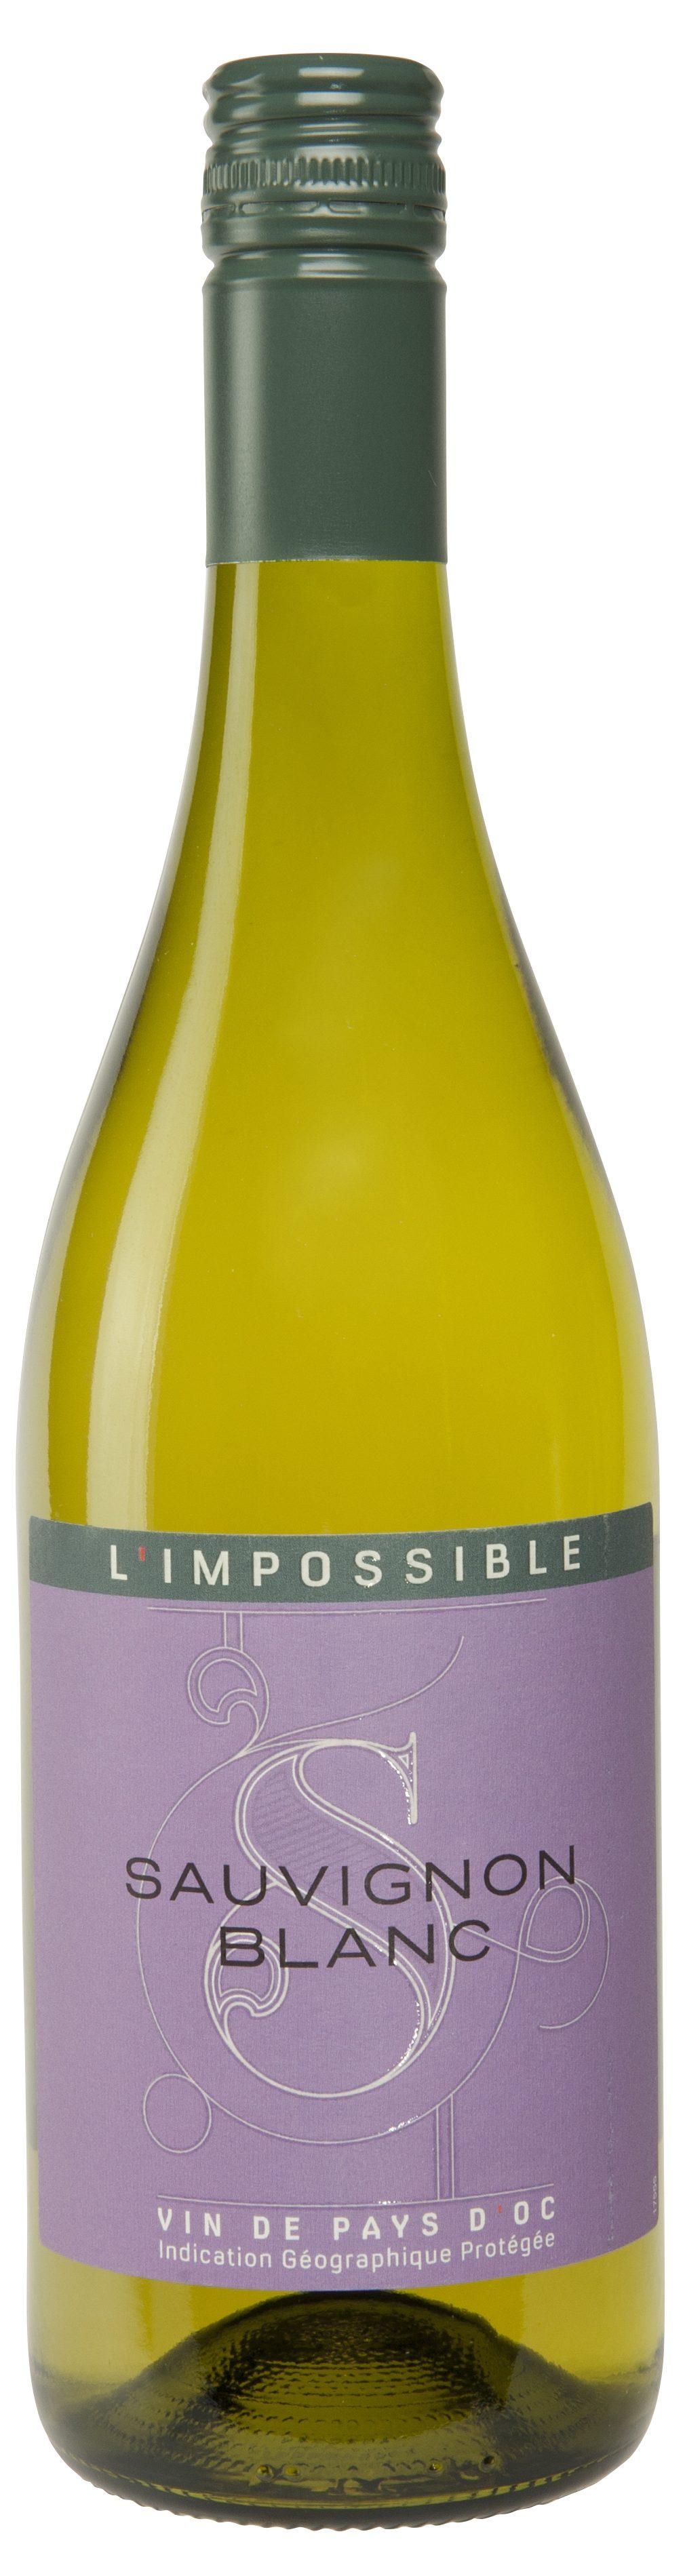 L'Impossible Sauvignon Blanc